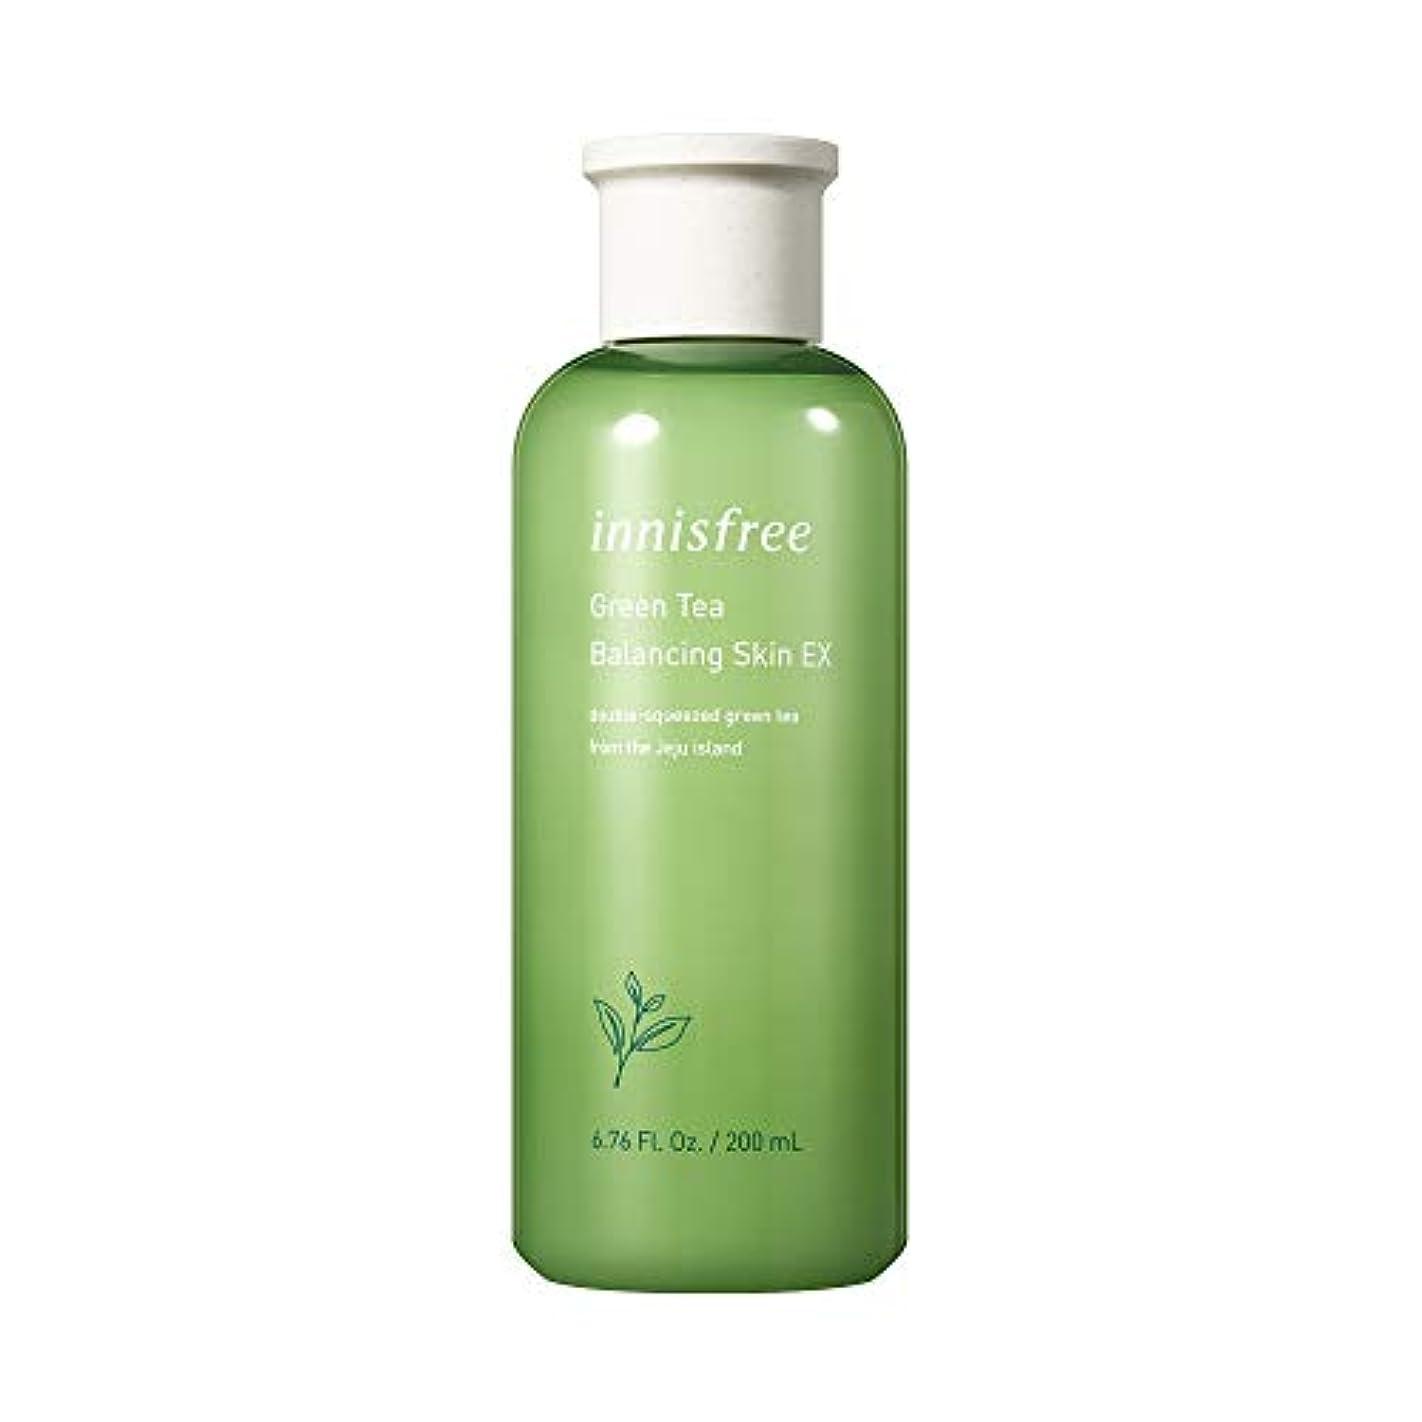 完璧合意トレイイニスフリー日本公式(innisfree)グリーンティー バランシングスキン[化粧水]200mL